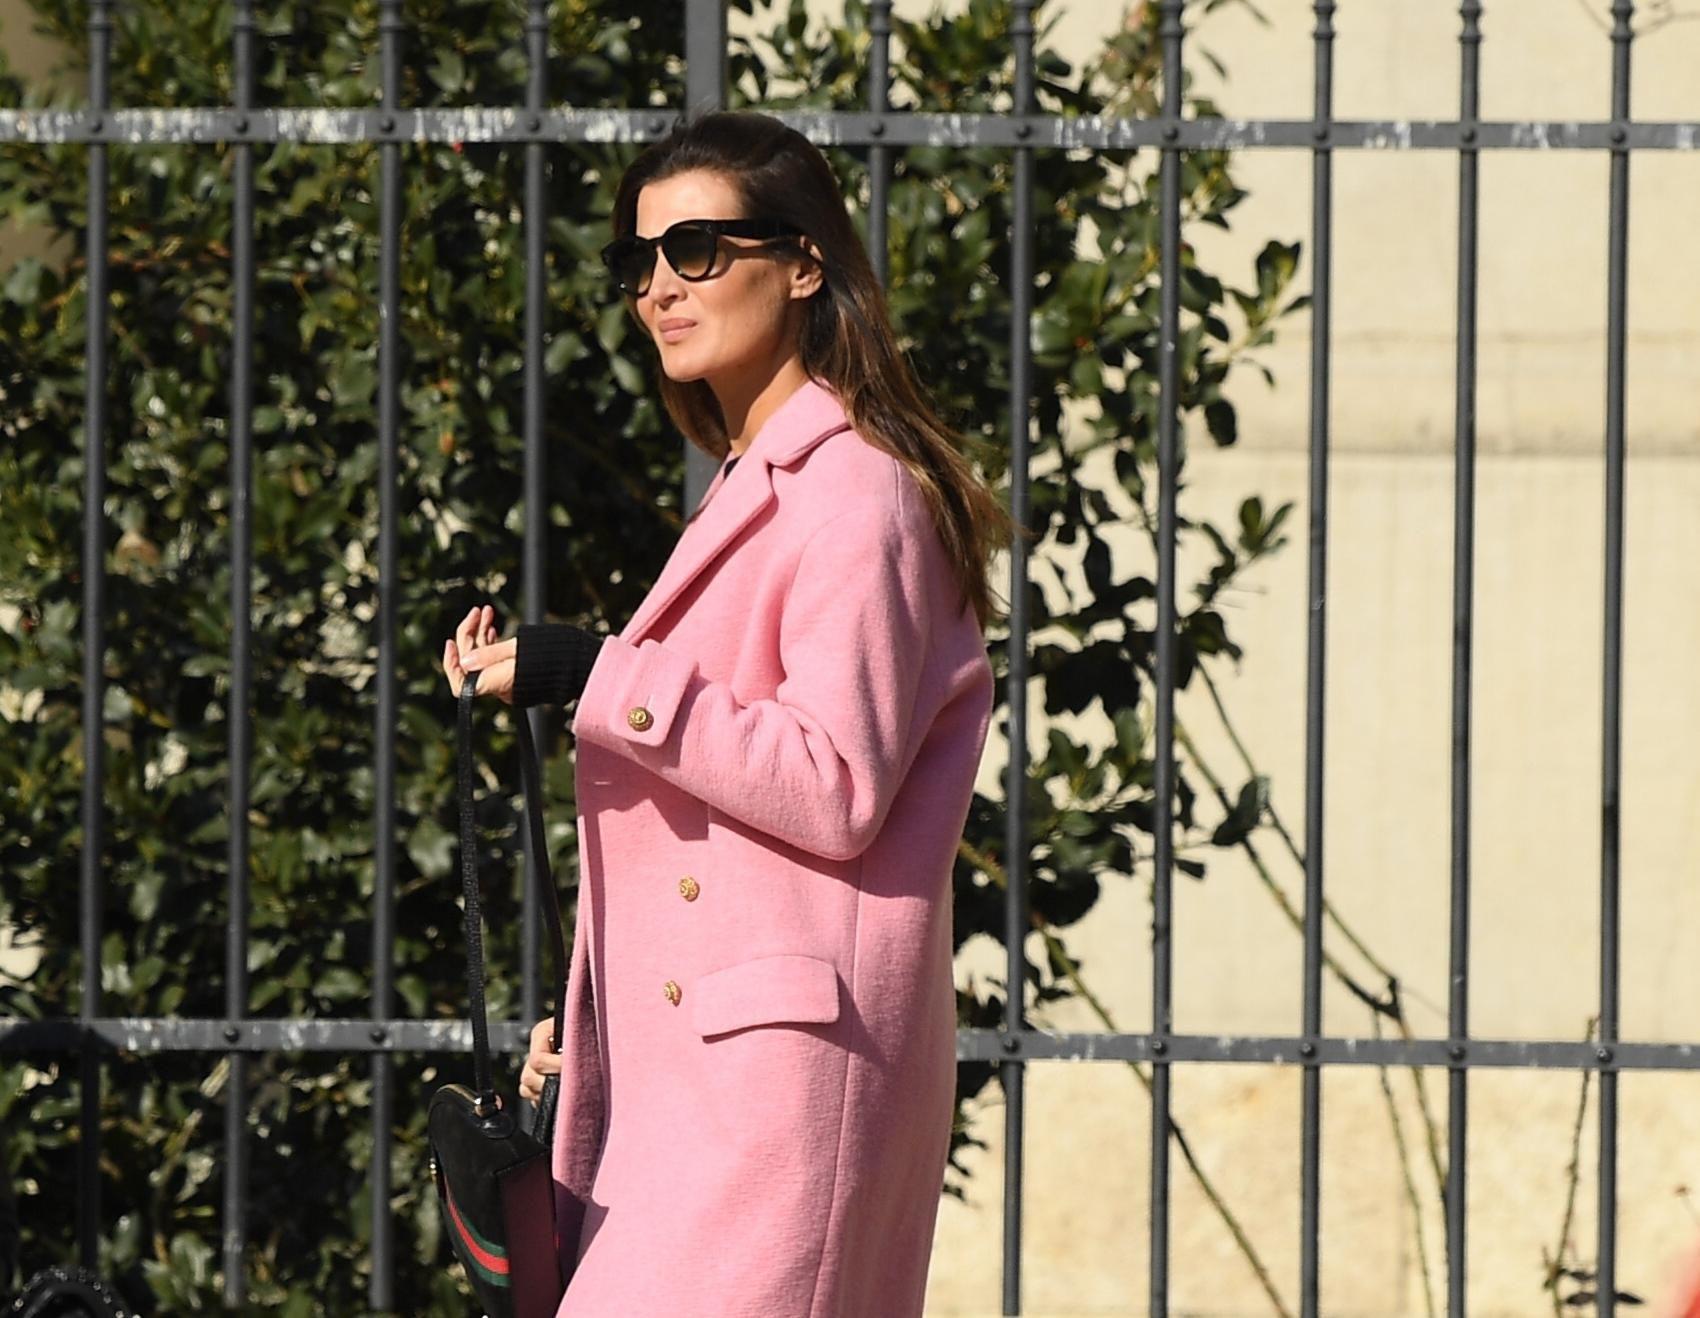 Iva Radić nosi čizme koje trendseterice jednostavno obožavaju, a odlično izgleda i u najjednostavnijem outfitu